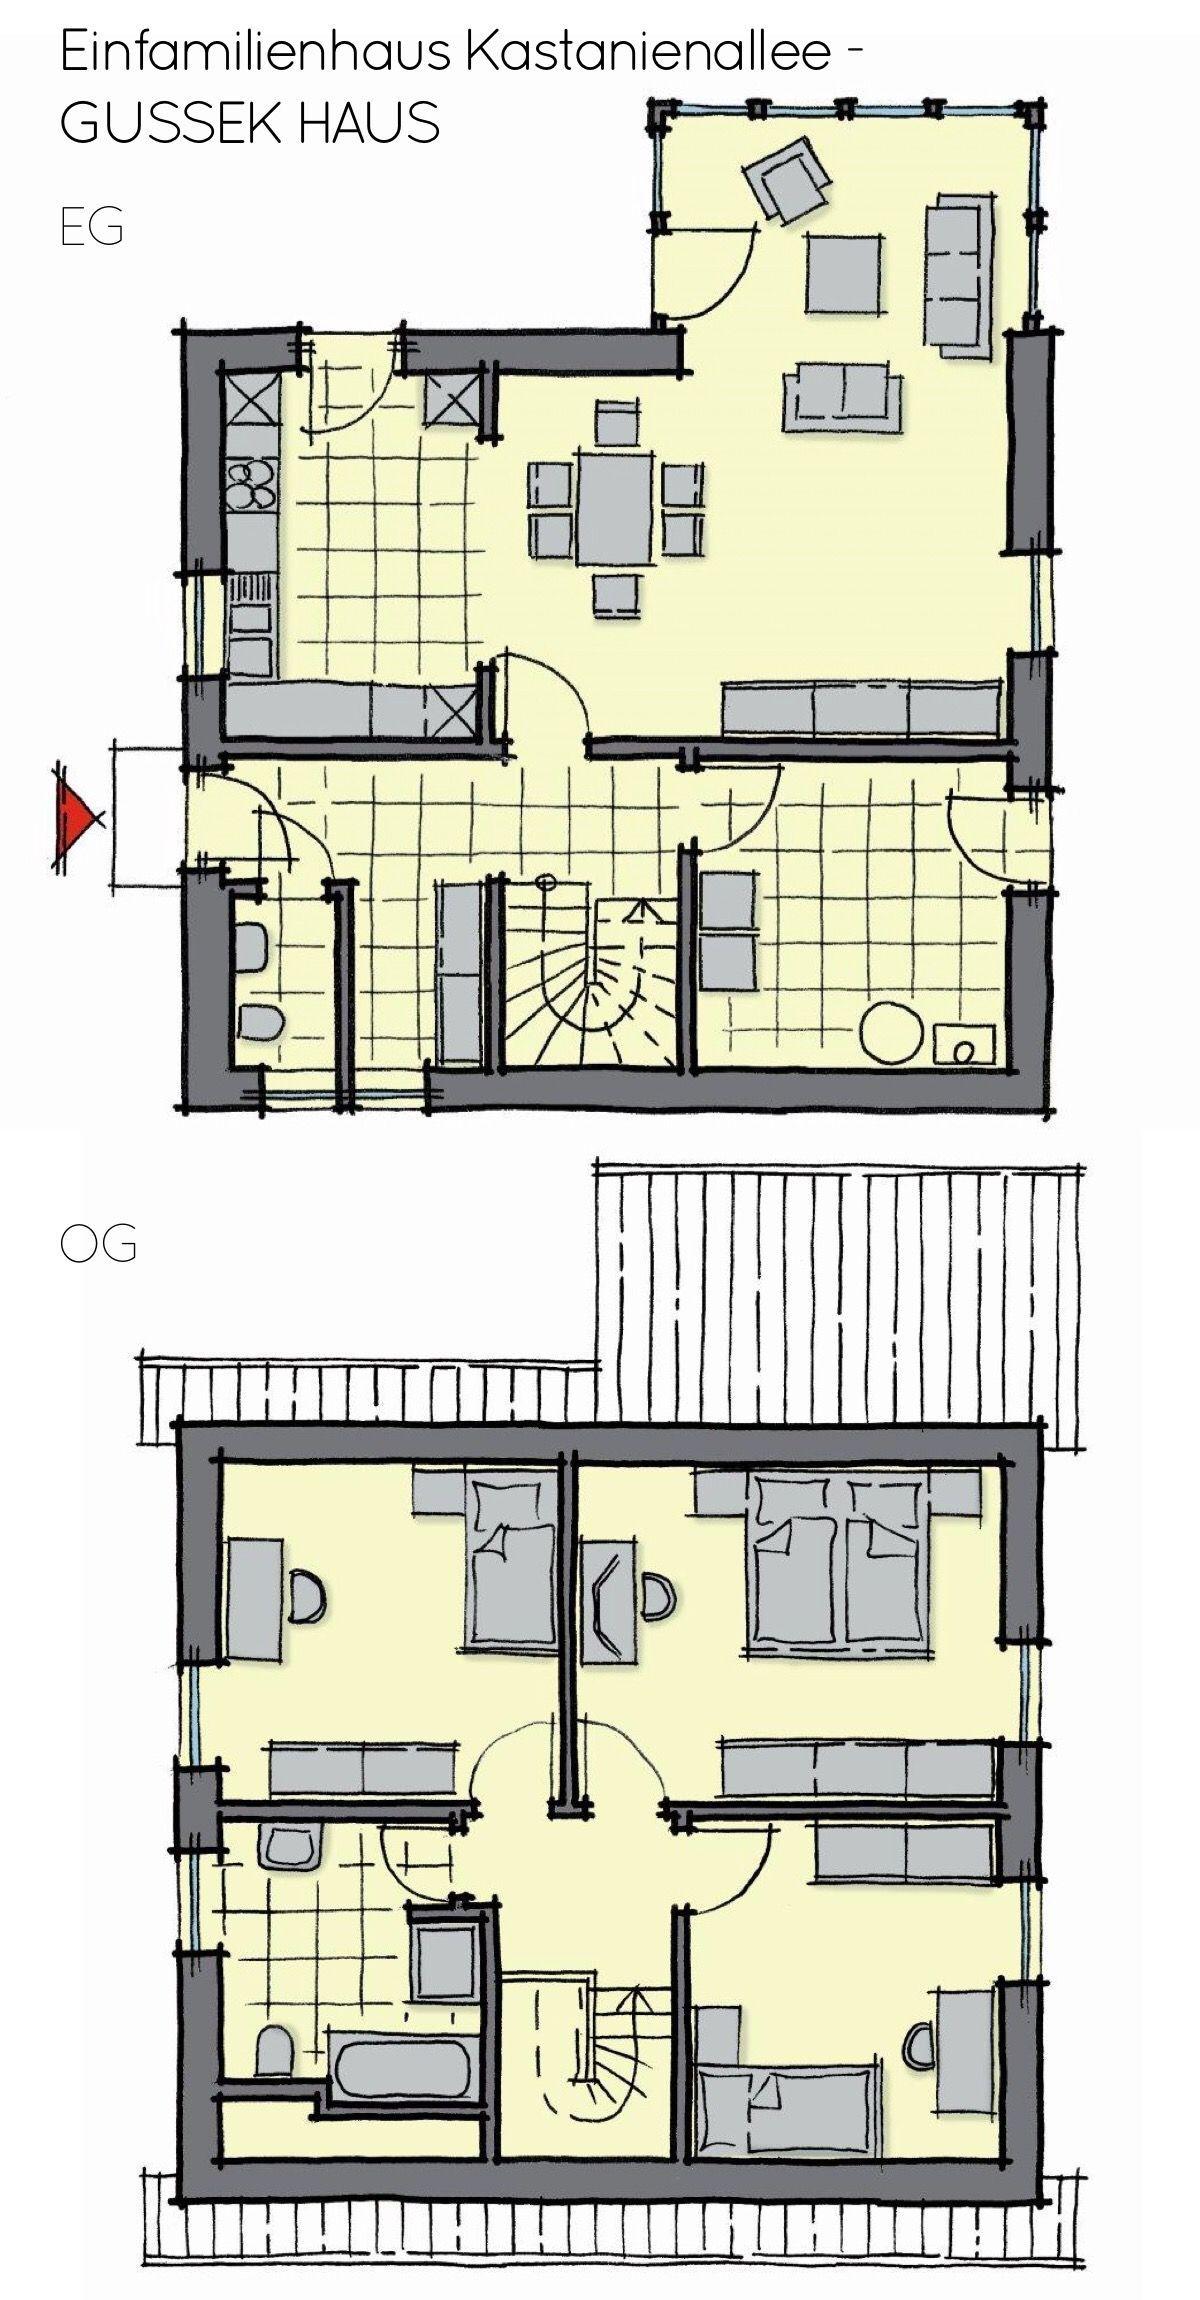 Grundriss Einfamilienhaus Mit Wintergarten Erker Anbau Satteldach Architektur 4 Zimmer Ca 120 Qm O Grundriss Einfamilienhaus Anbau Haus Anbau Gartenhaus